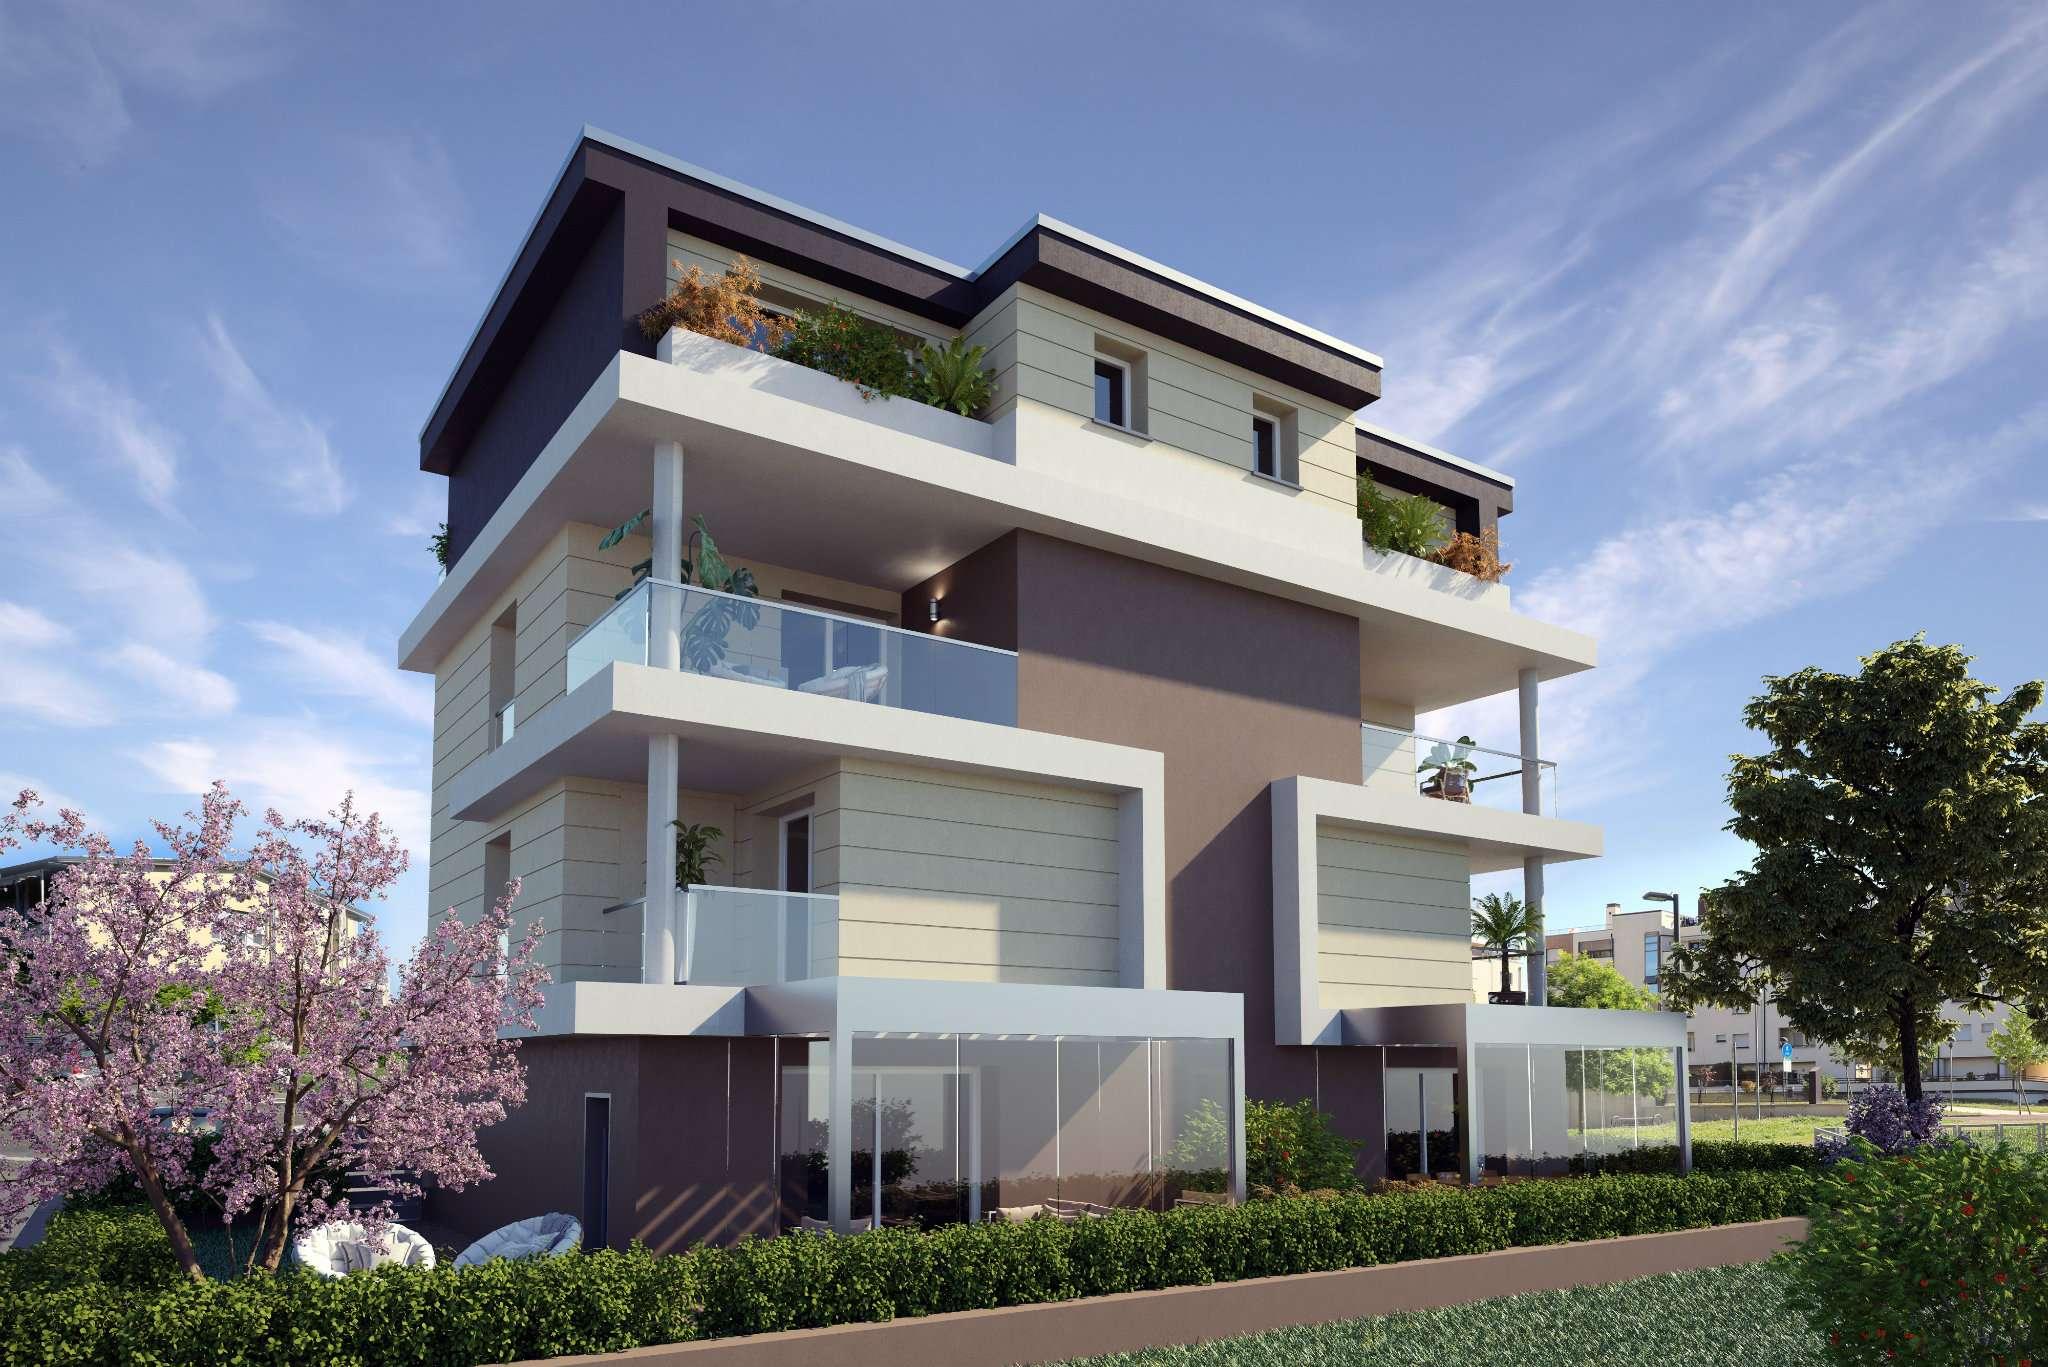 Appartamento in vendita a Castel Maggiore, 3 locali, prezzo € 360.000 | CambioCasa.it